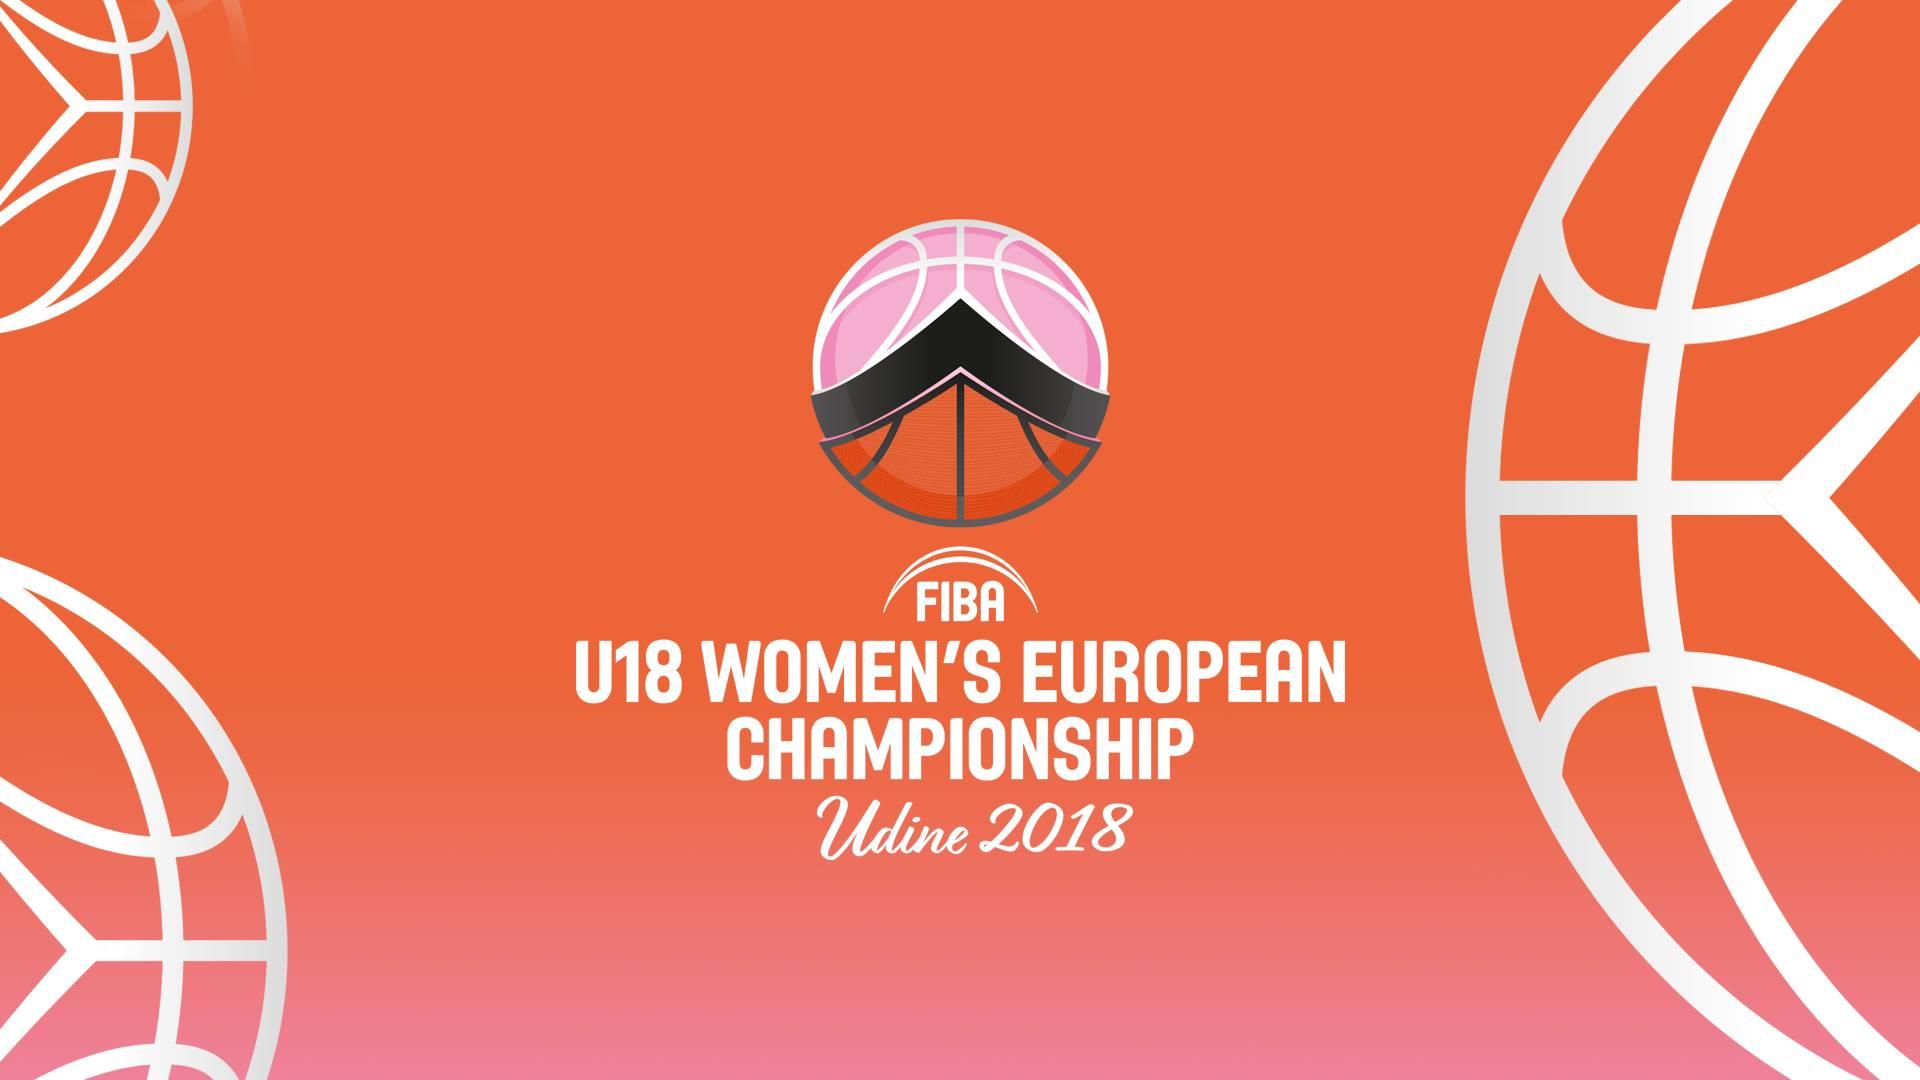 Nazionale Femminile 2018: da sabato 4 agosto parte ad Udine l'Europeo FIBA U18F l'Italbasket debutta alle 21:00 vs la forte Croazia